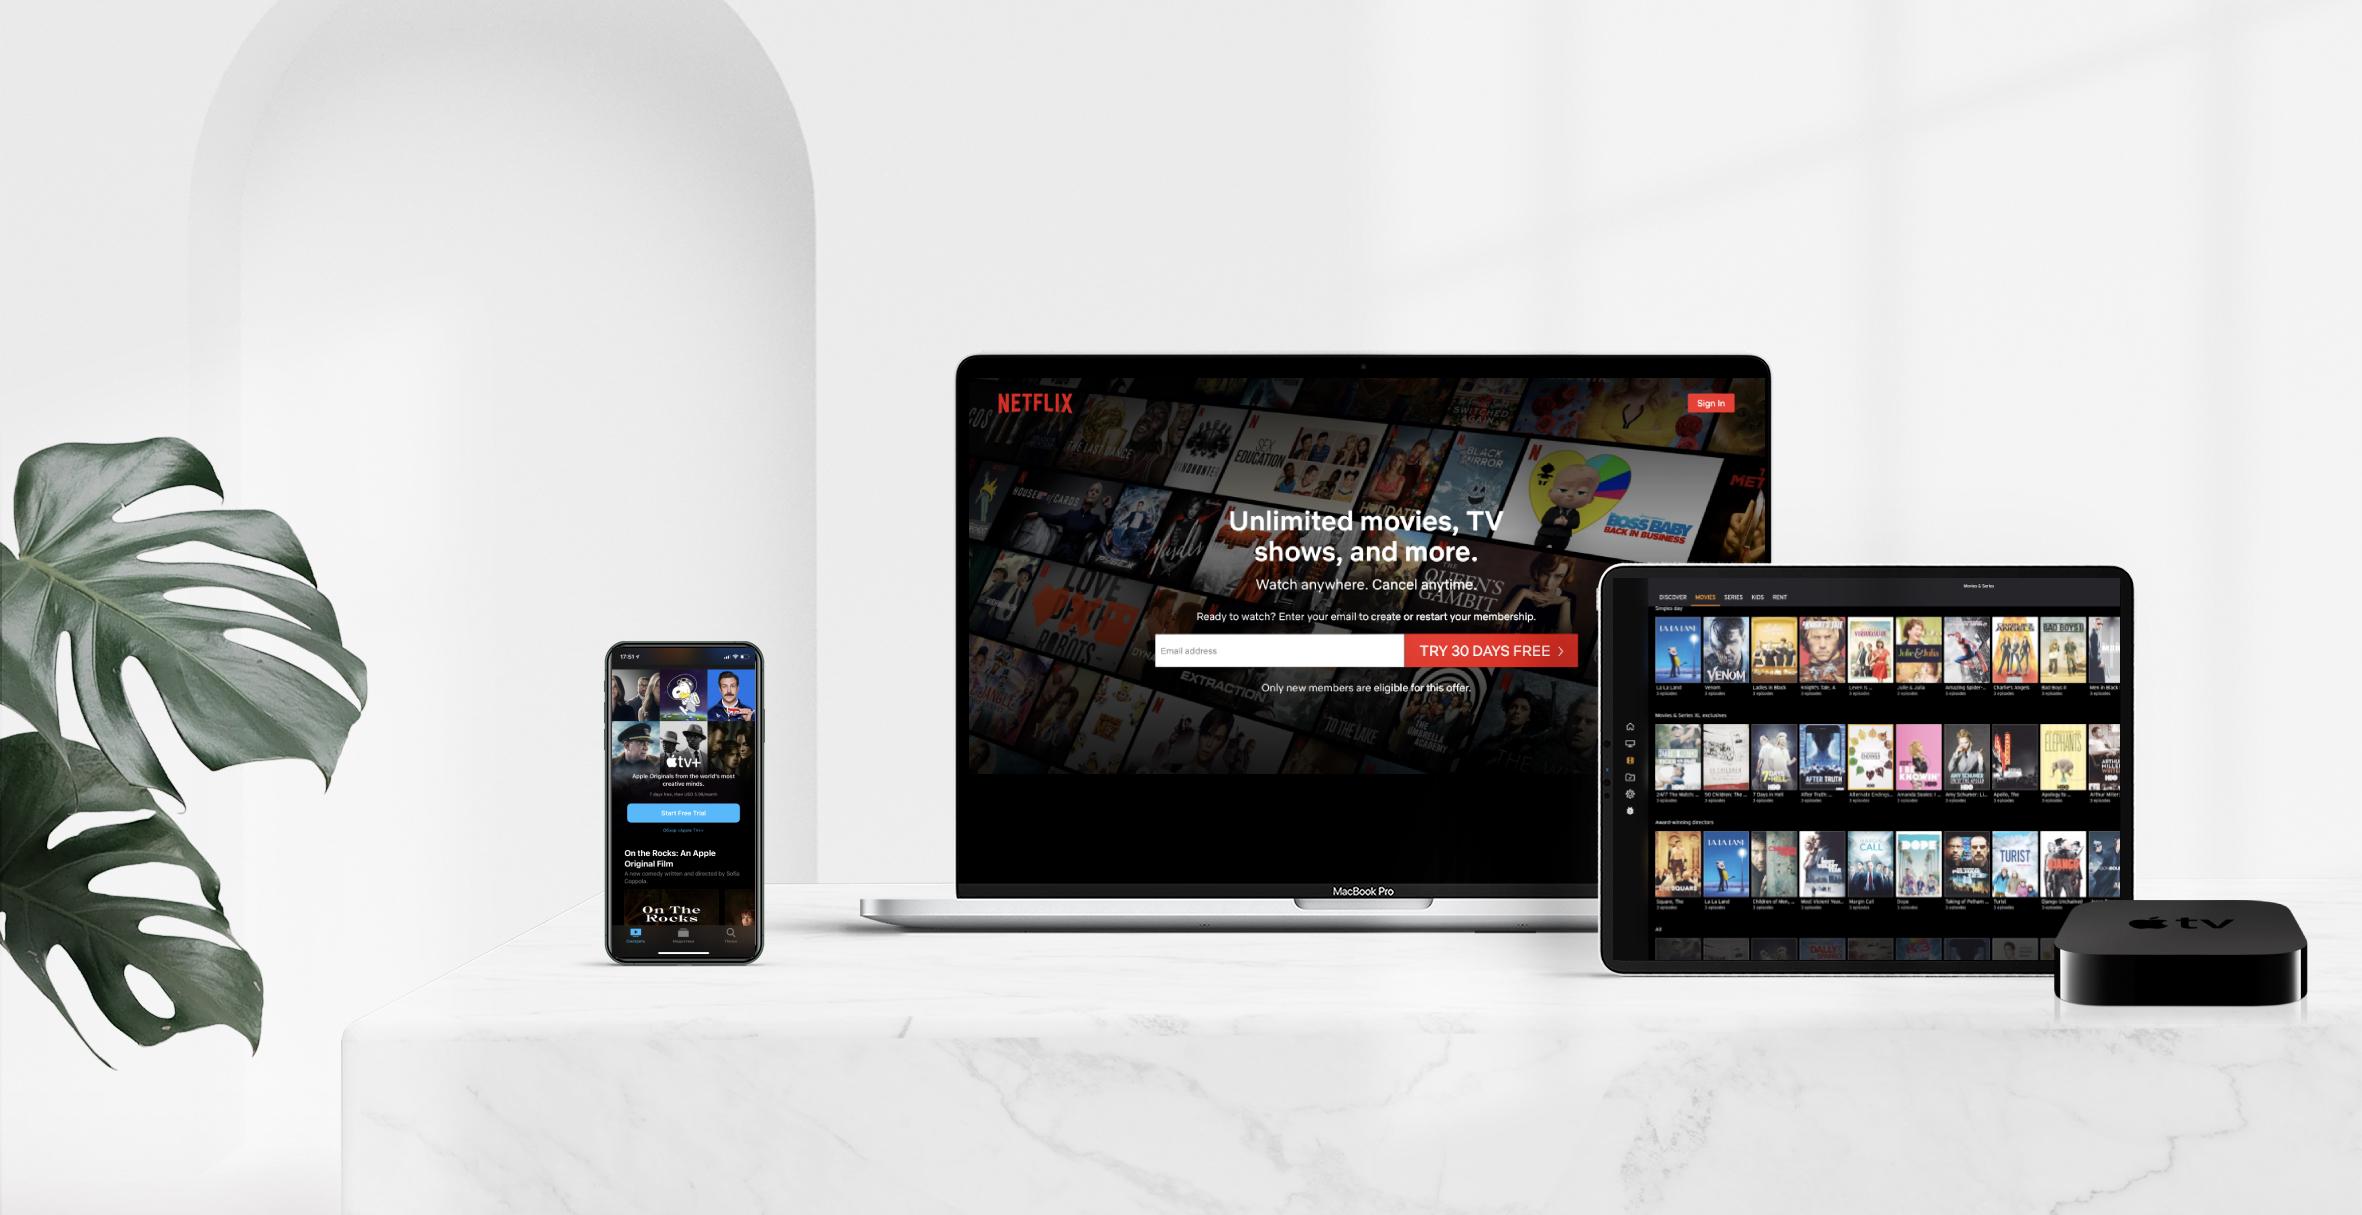 Entwicklung von Videoinhalten und Entwicklung digitaler TV-Lösungen